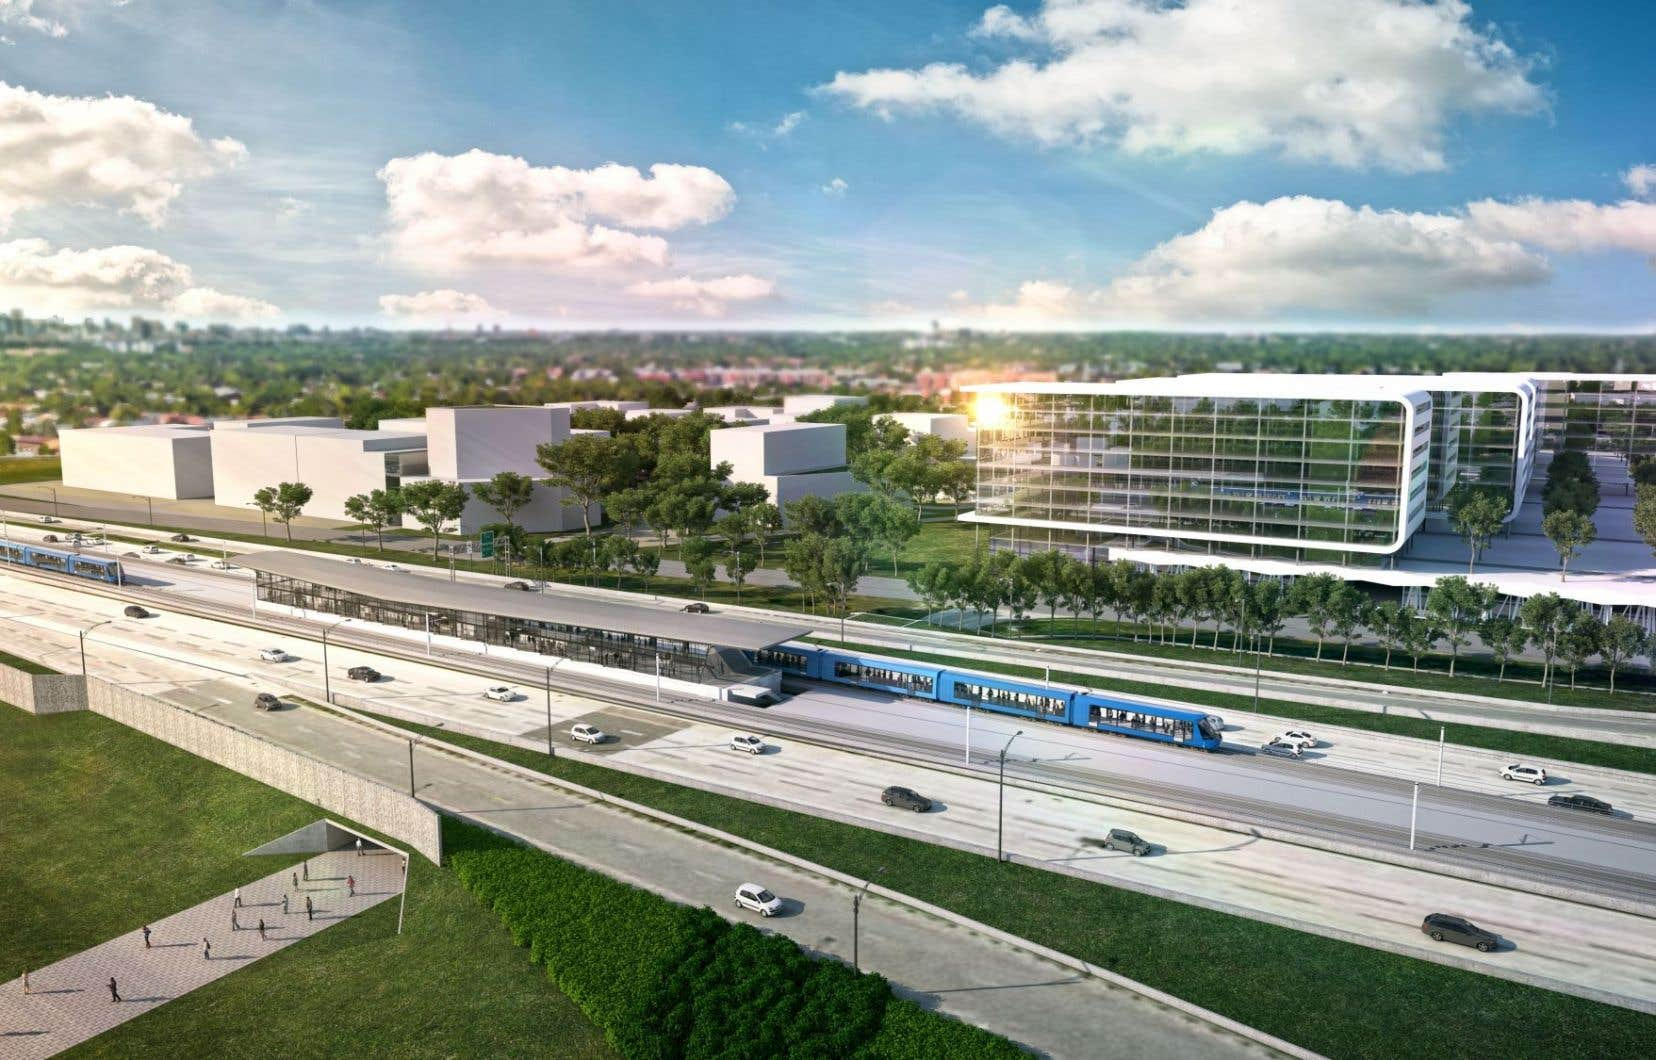 Une coalition de groupes écologiques a notamment dénoncé l'empressement qui marque depuis le début ce projet de Réseau électrique métropolitain (REM), les travaux devant en effet débuter au printemps 2017, la livraison du train étant prévue en décembre2020.